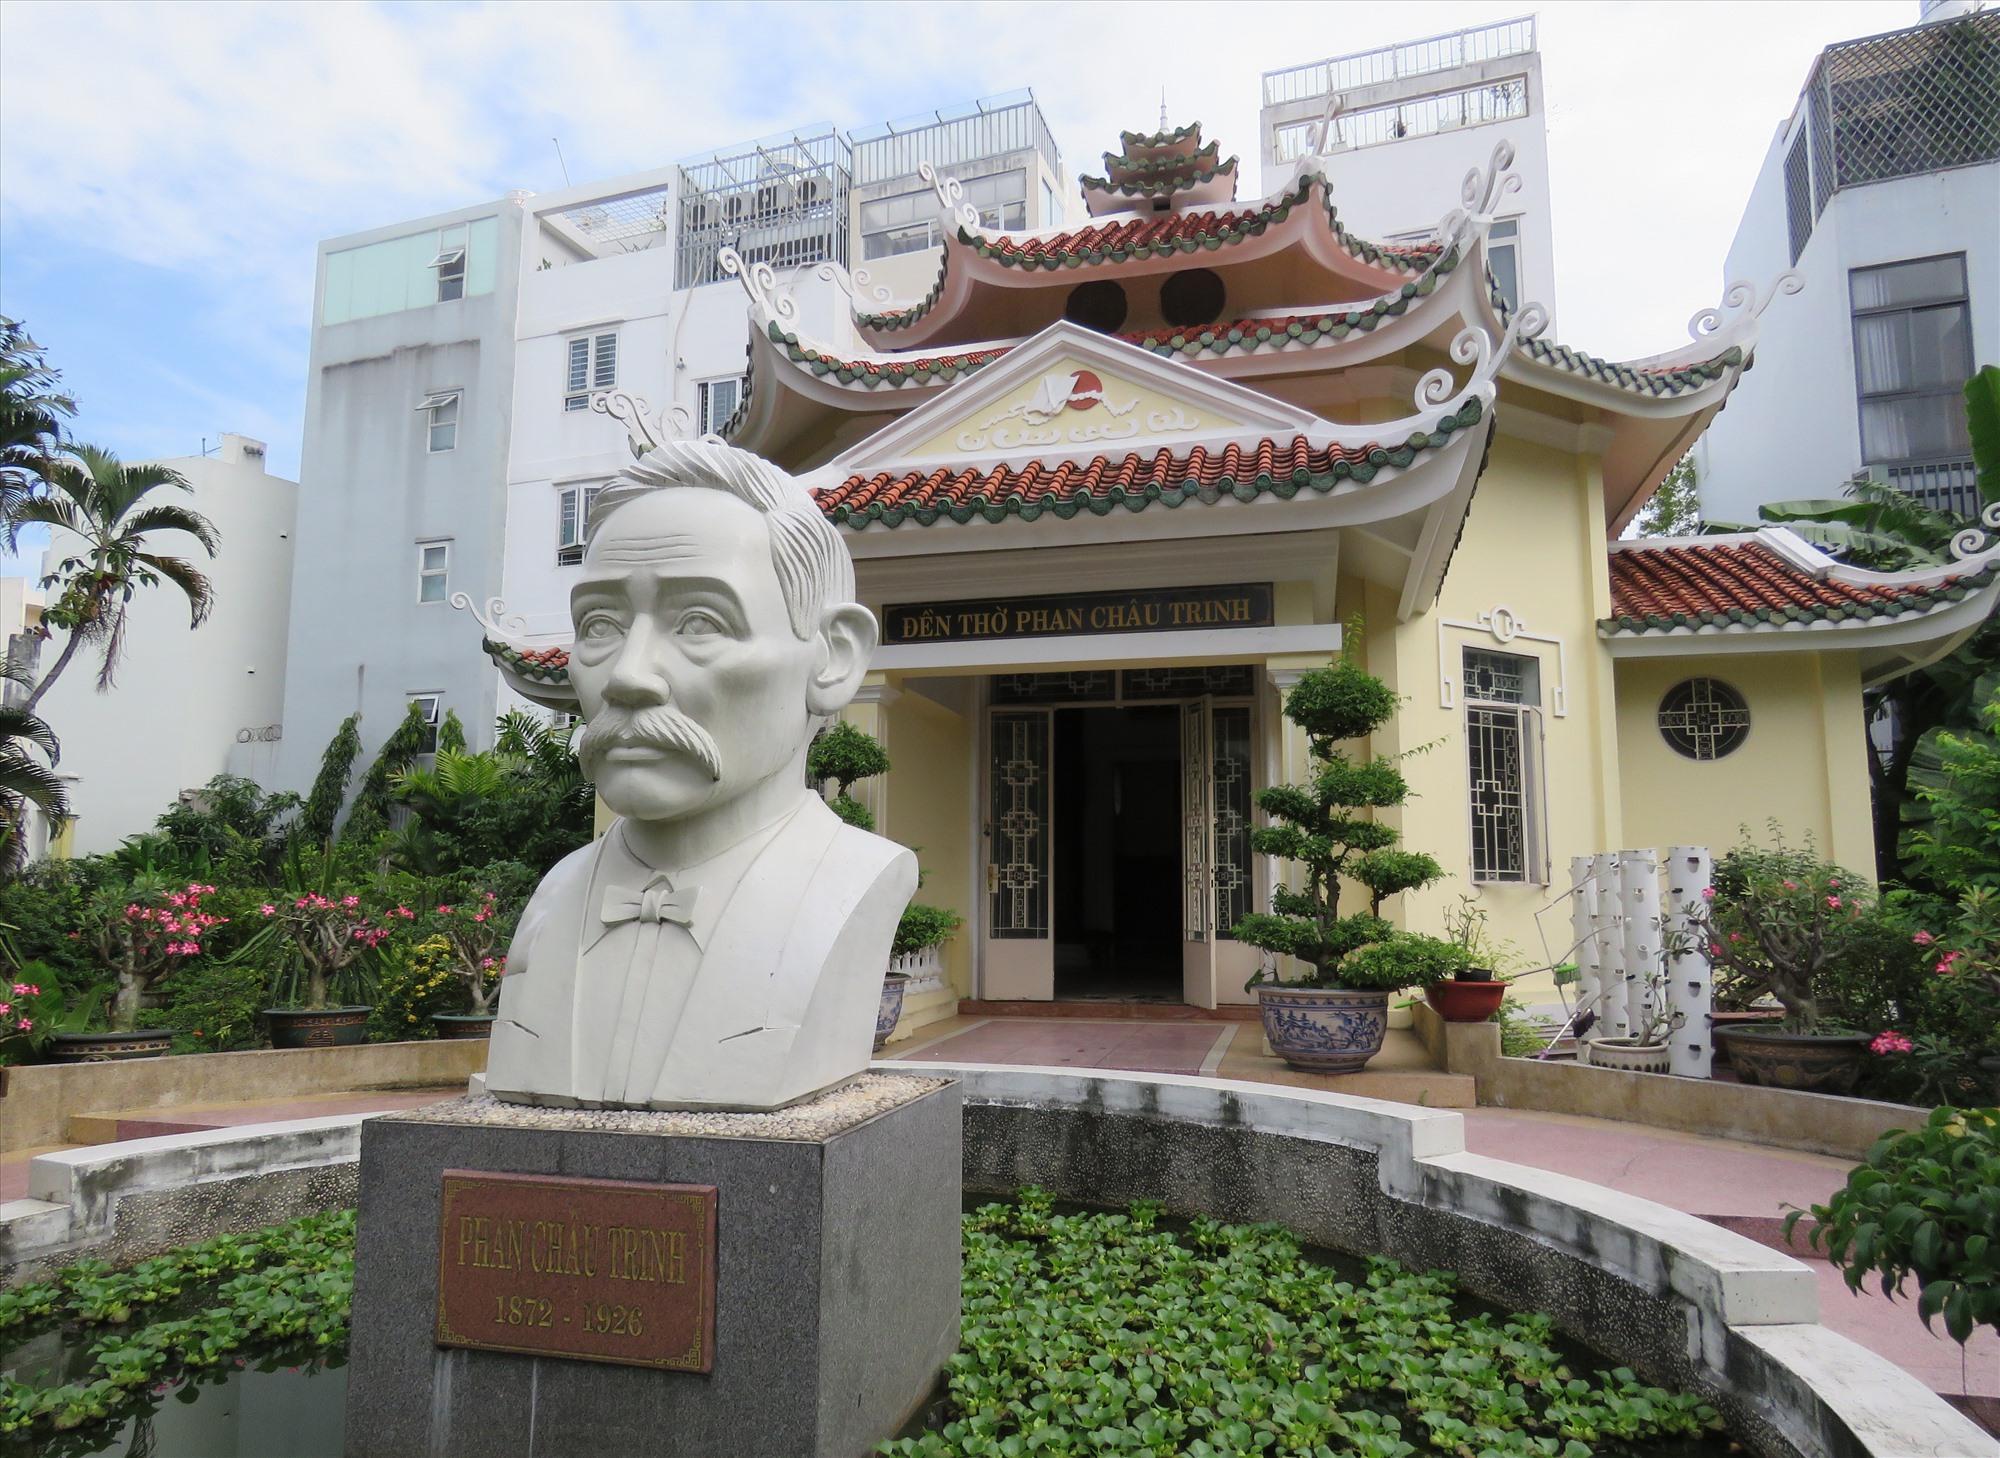 Khu lưu niệm cụ Phan Châu Trinh.